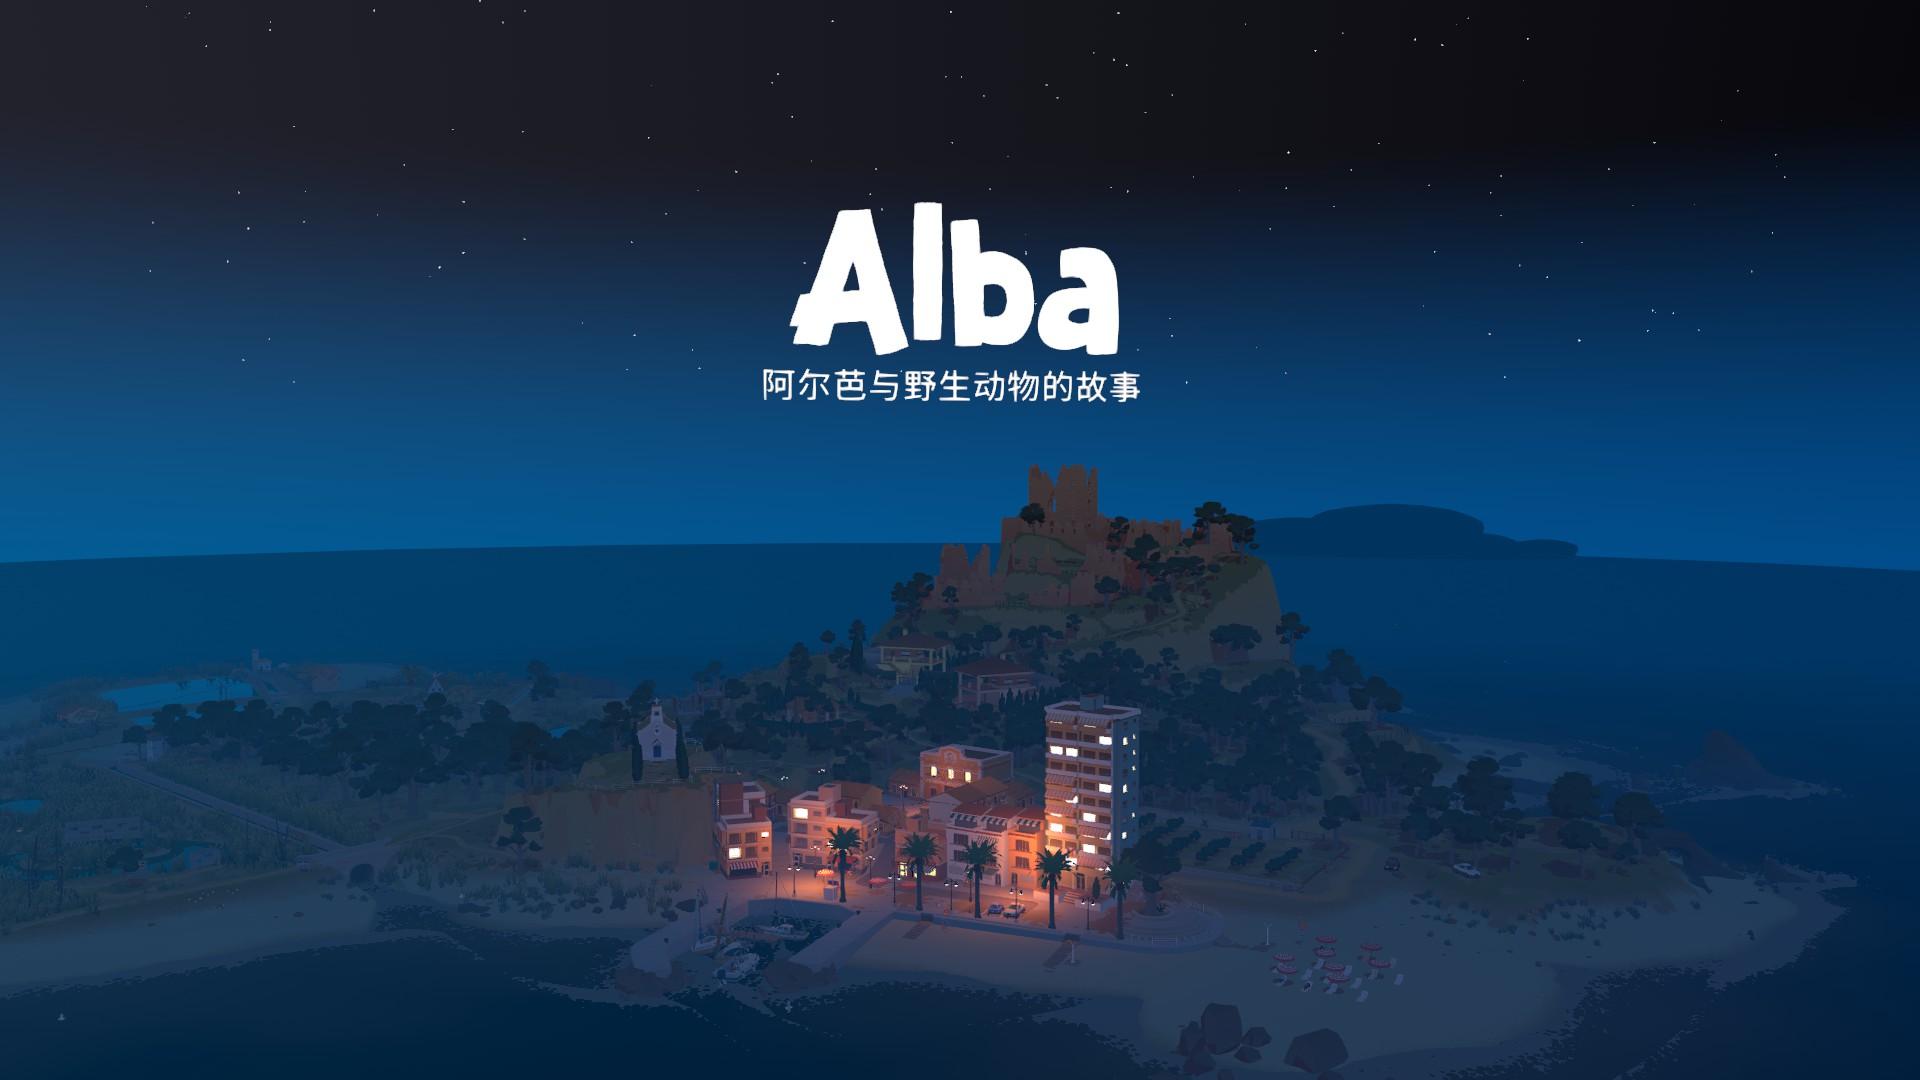 《阿尔芭与野生动物的故事》评测:温馨且发人深省的科普读物